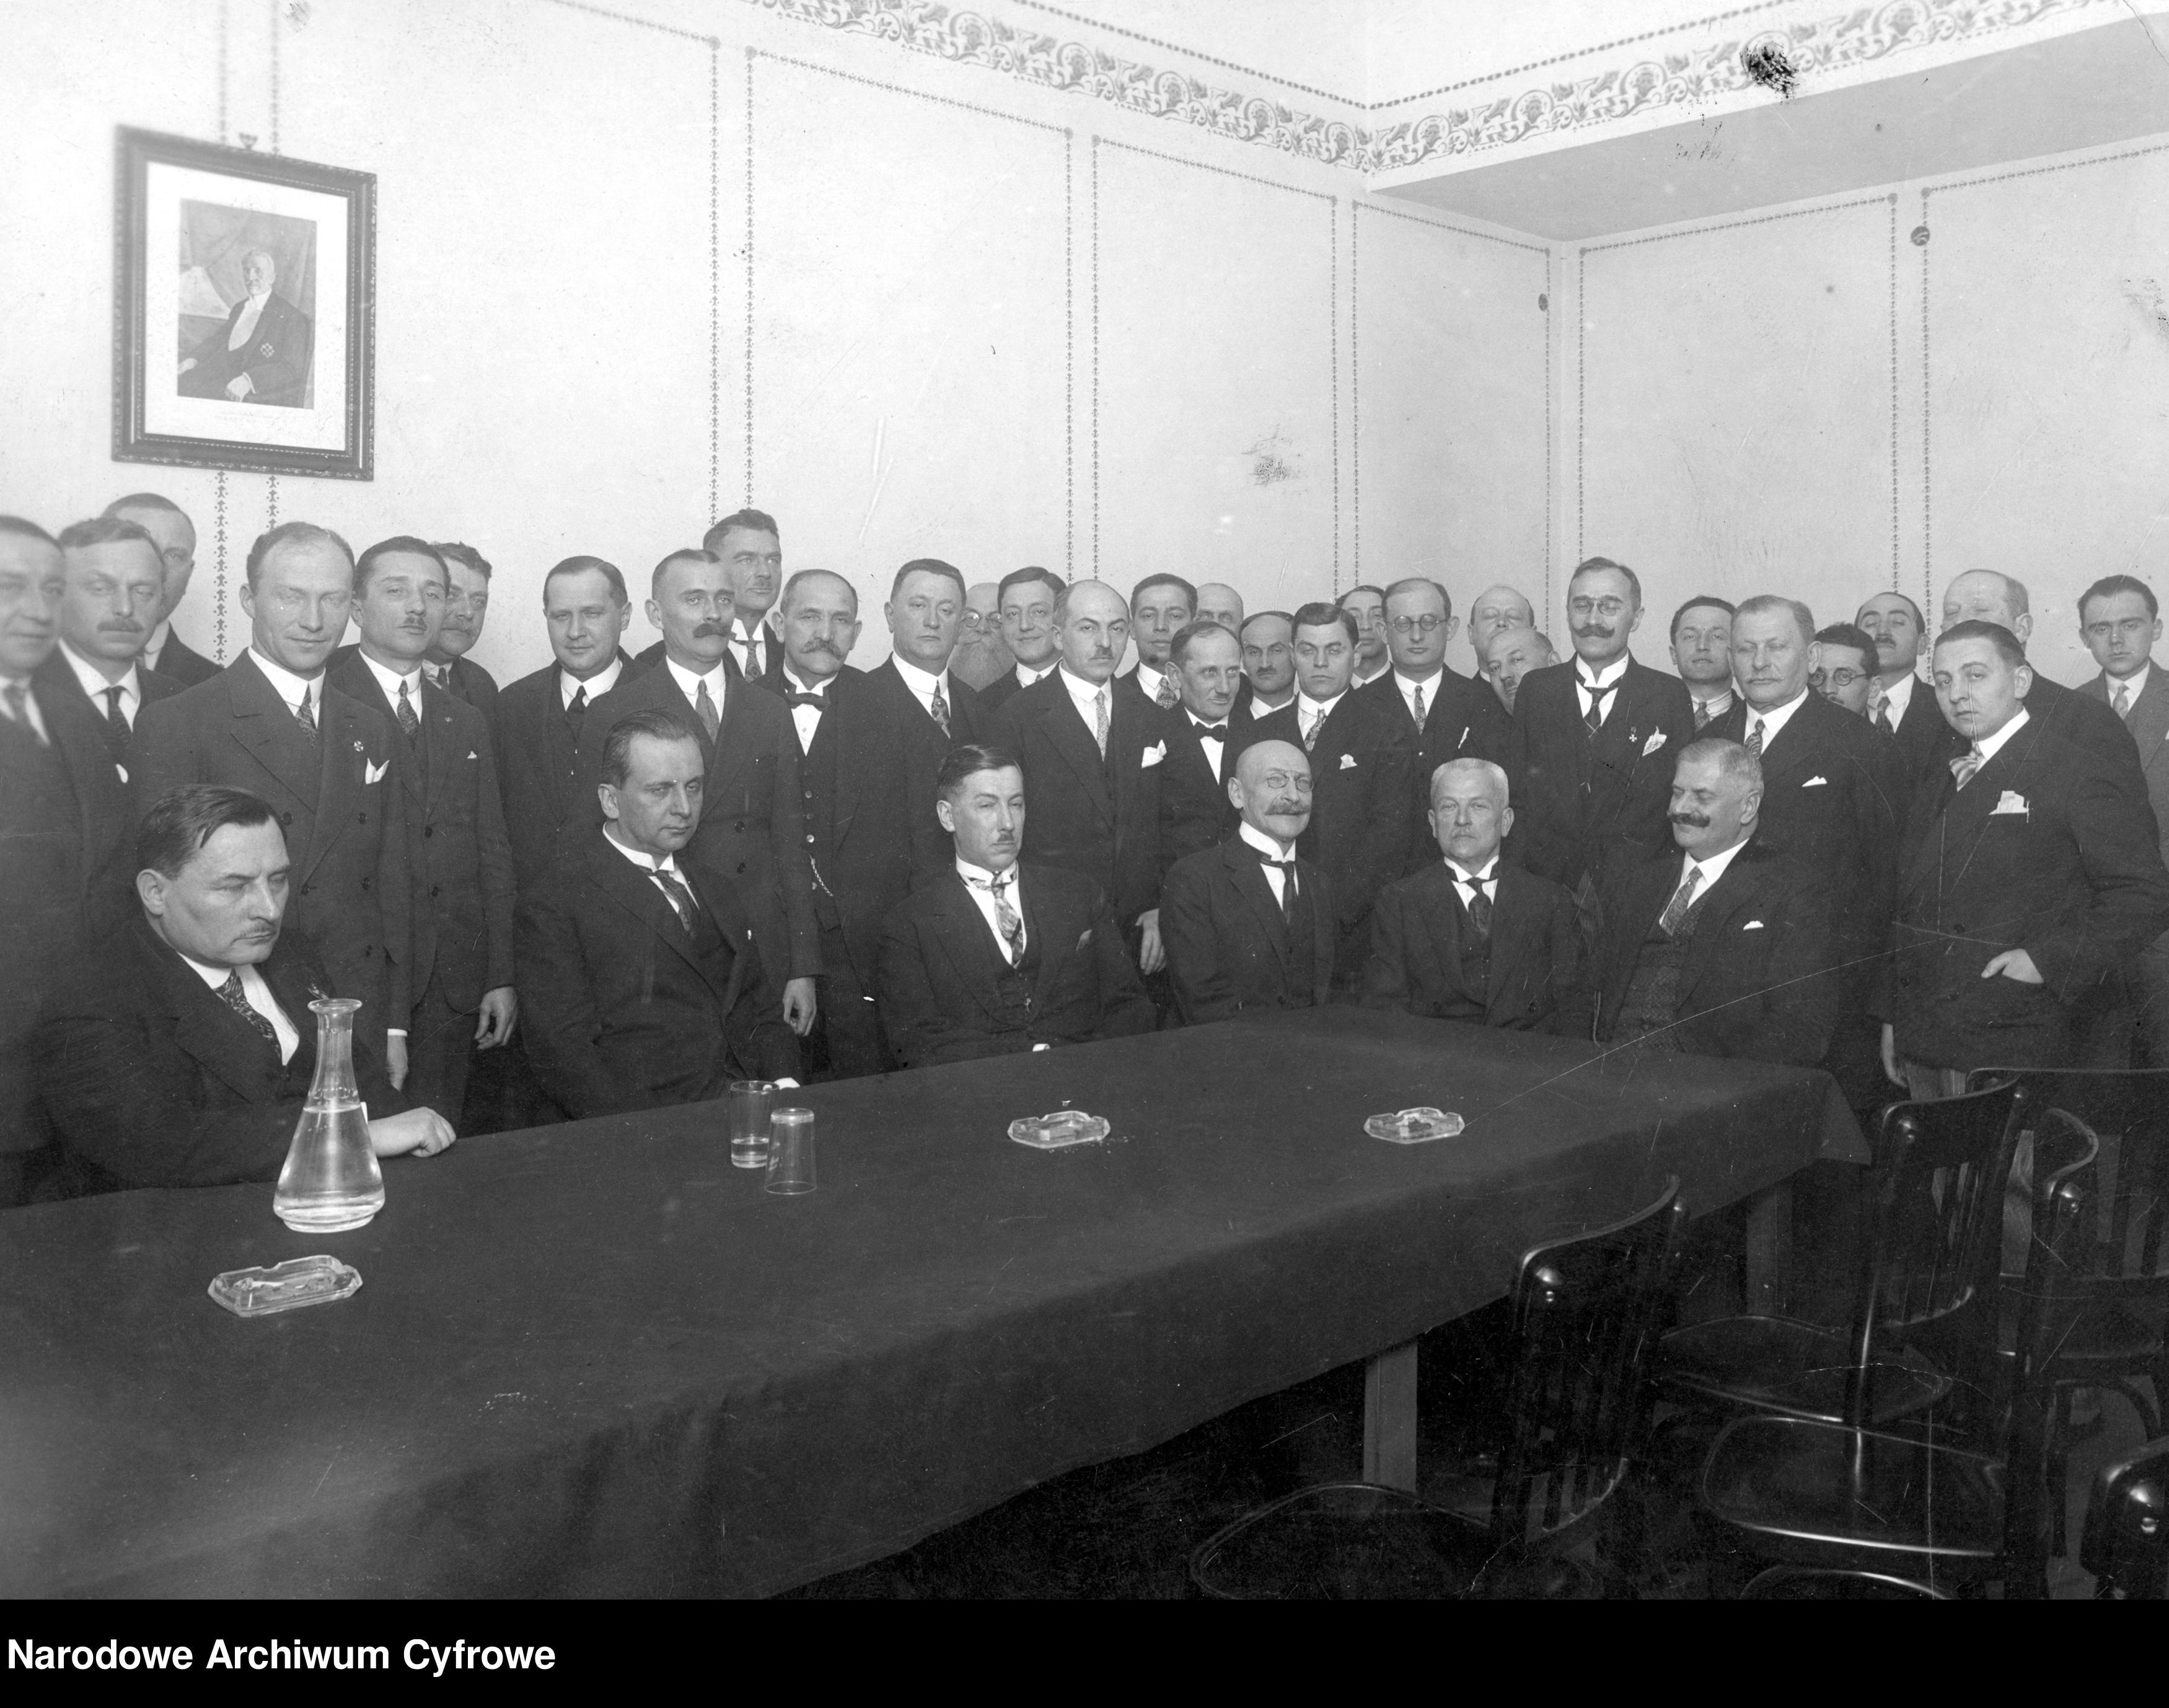 1928mmdd-Wizyta ministra przemysłu i handlu Eugeniusza Kwiatkowskiego we Lwowie~3_1_0_2_2147_1_1_198127